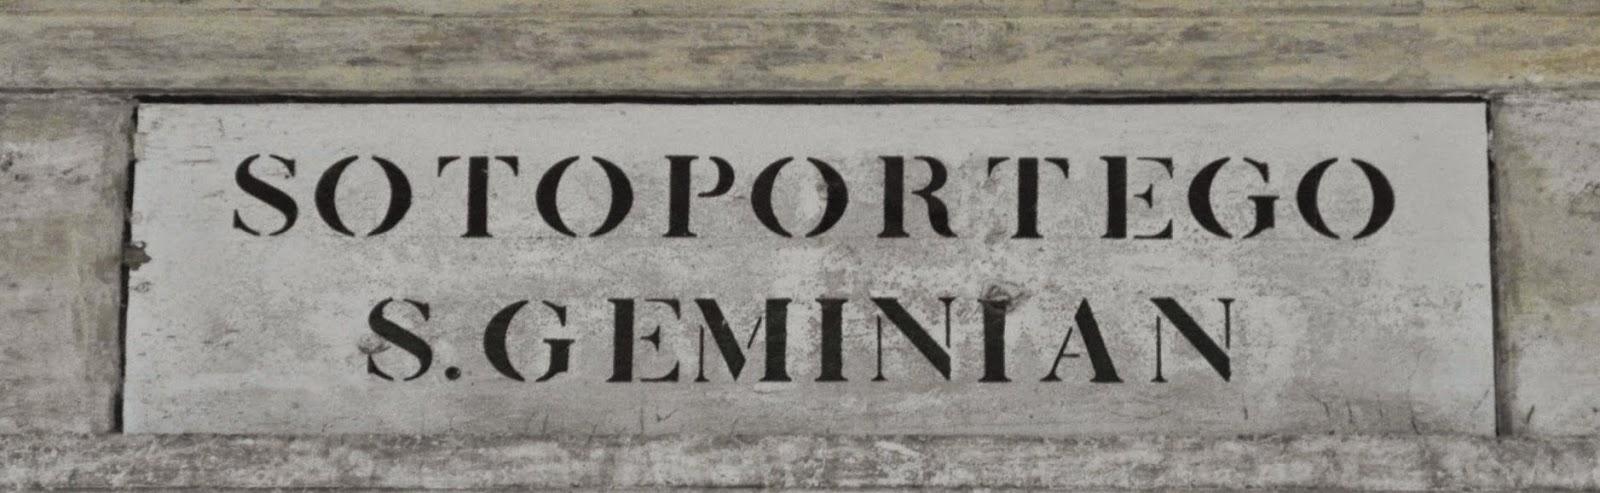 Sotoportego S. Geminian, Venice